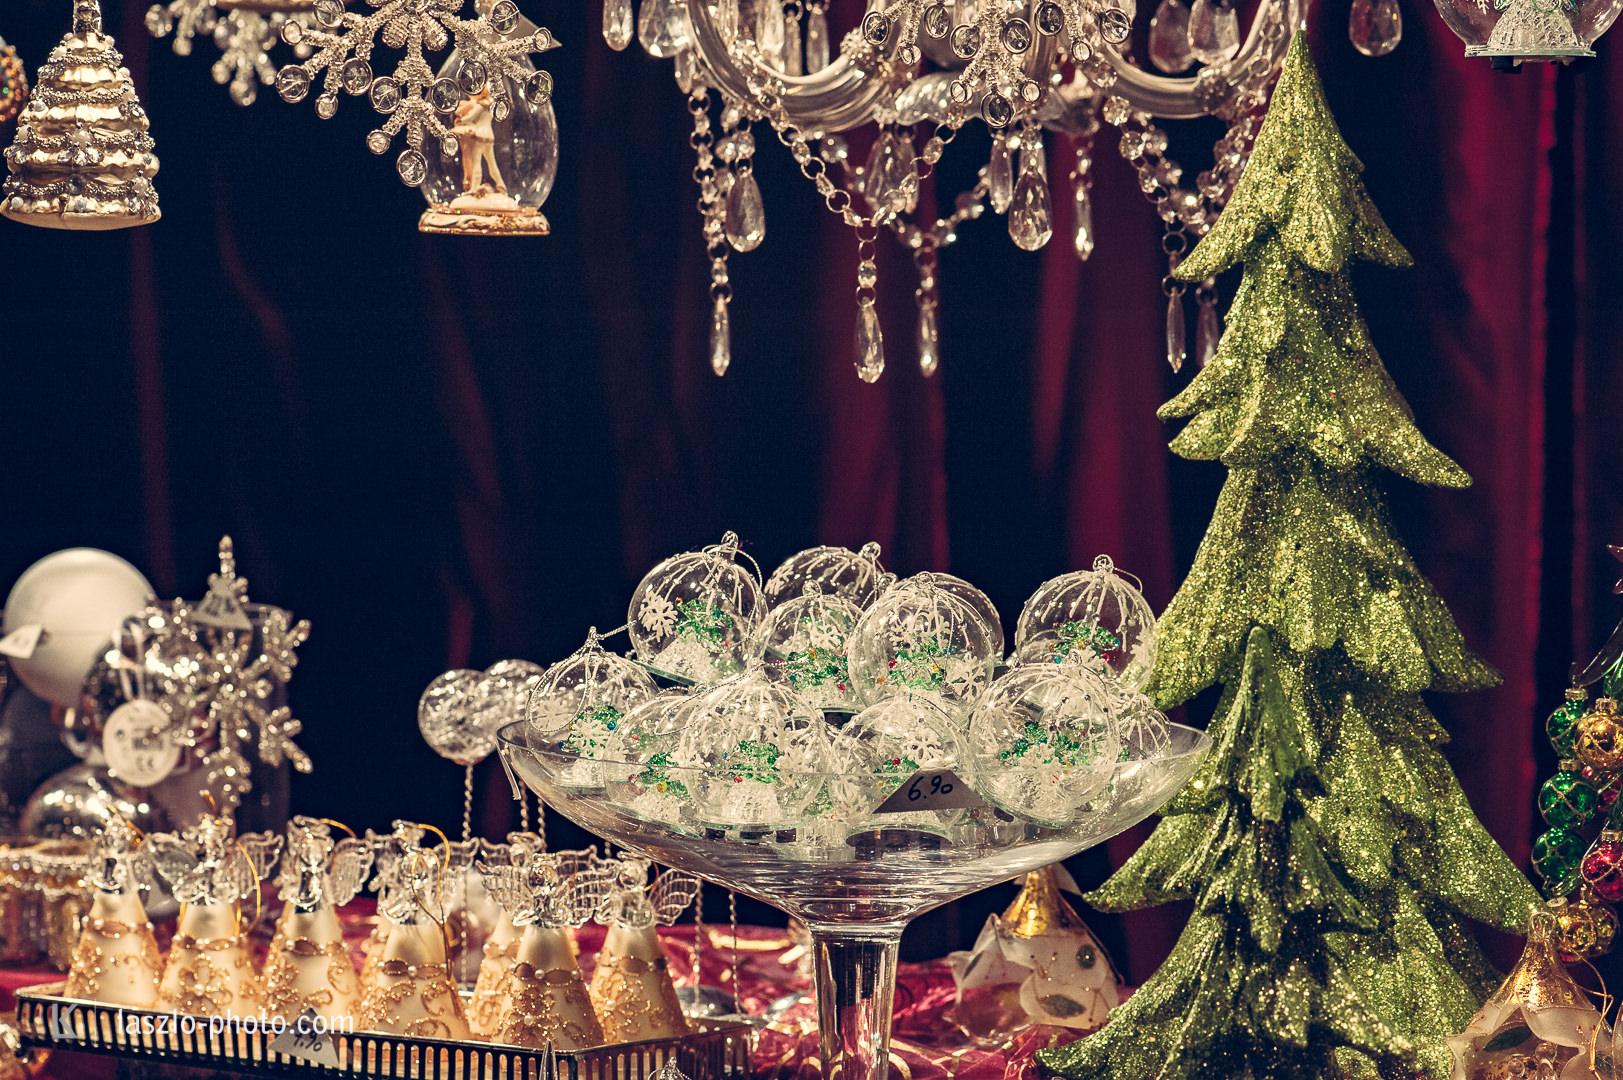 20161209_Weihnachten_Christkindlmarkt-4774